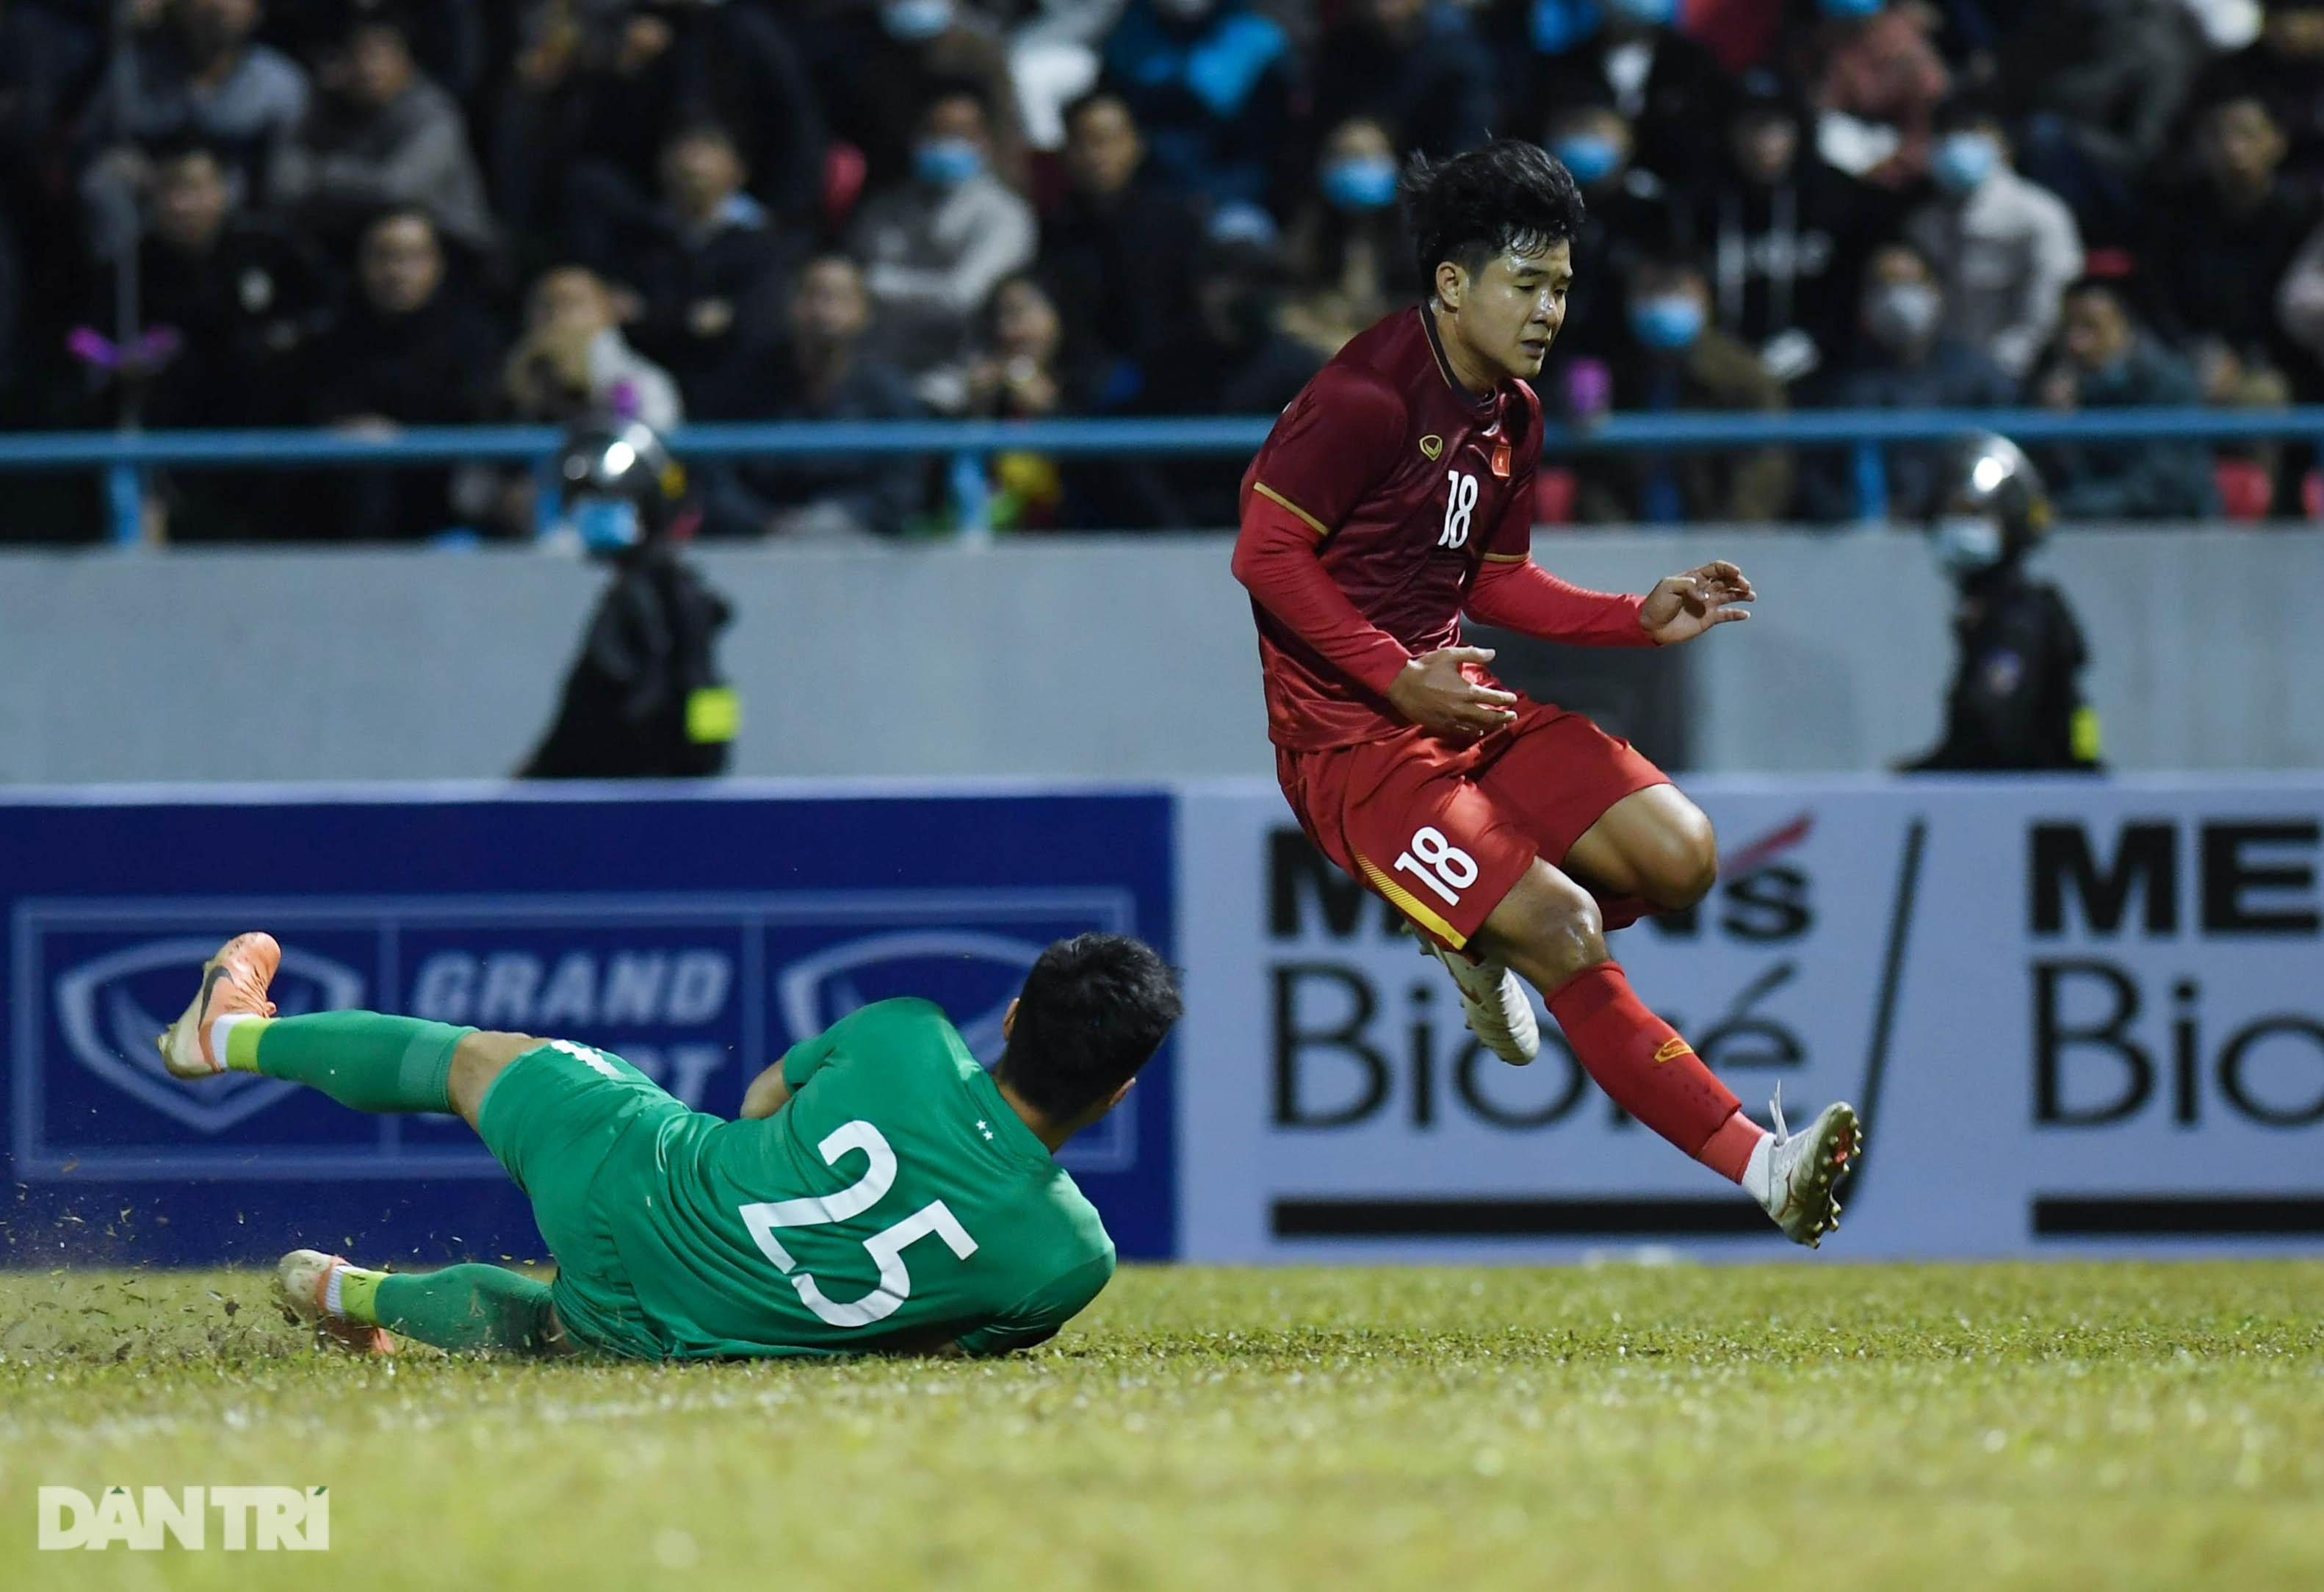 Văn Quyết ghi điểm trong chiến thắng của tuyển Việt Nam trước đàn em U22 - 11